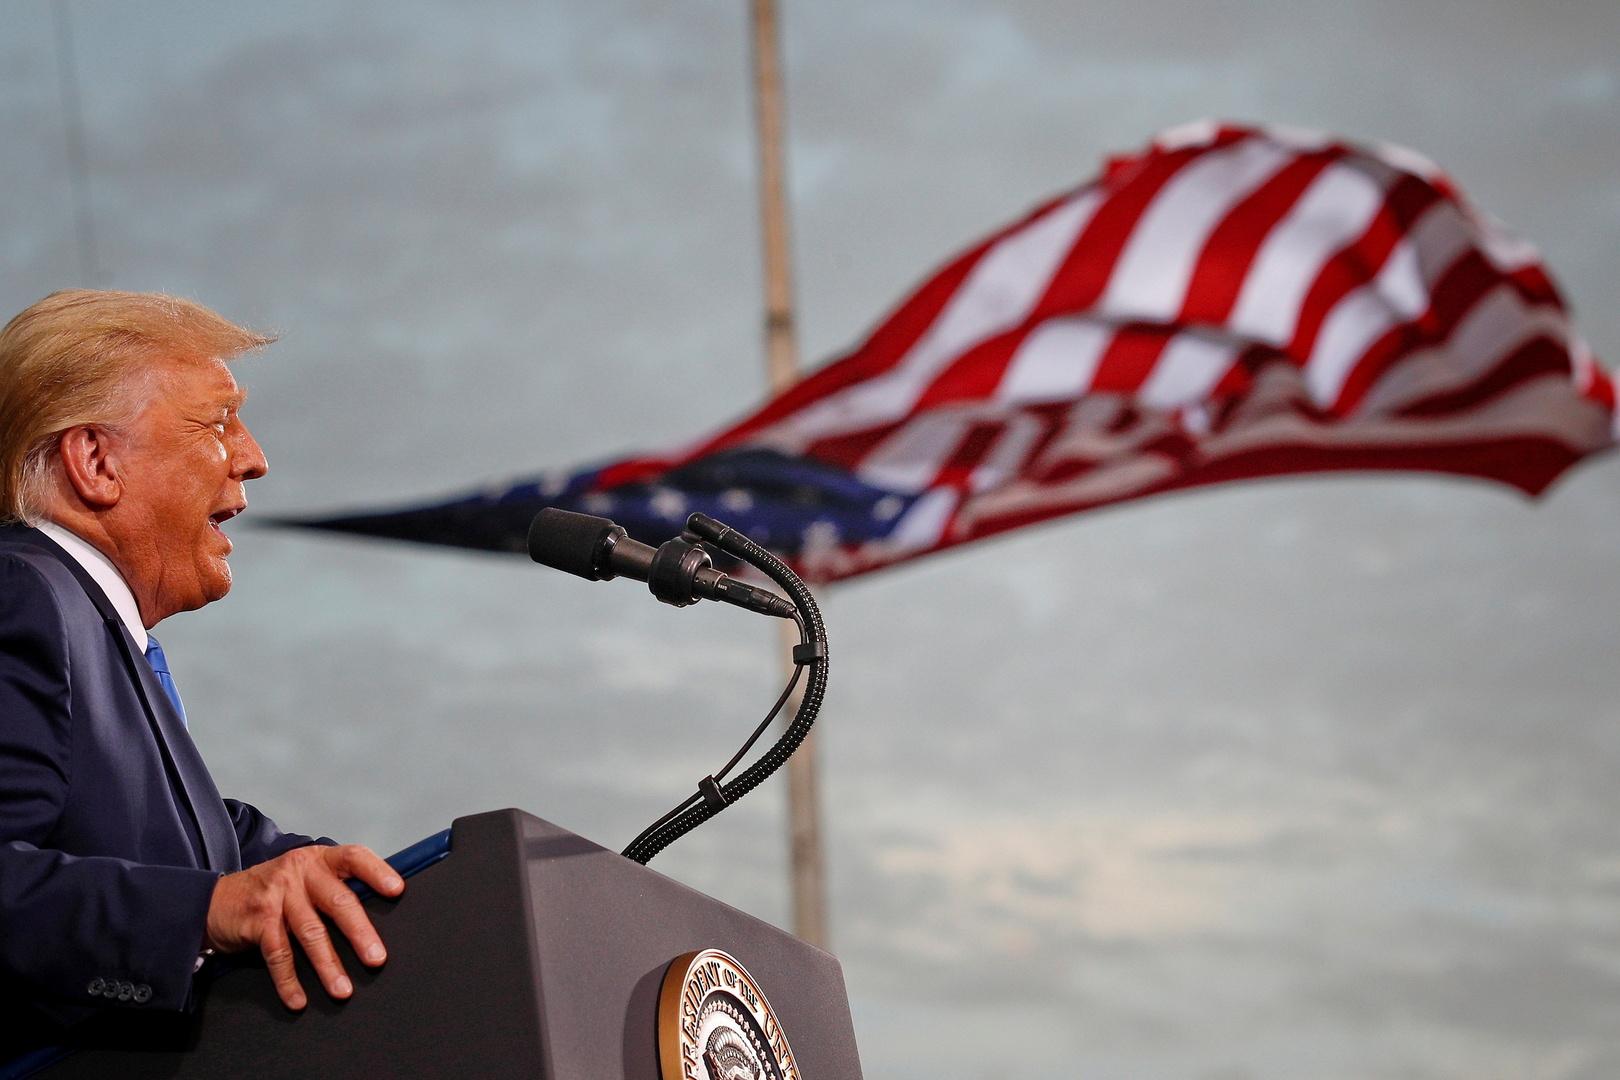 الرئيس الأمريكي السابق دونالد ترامب